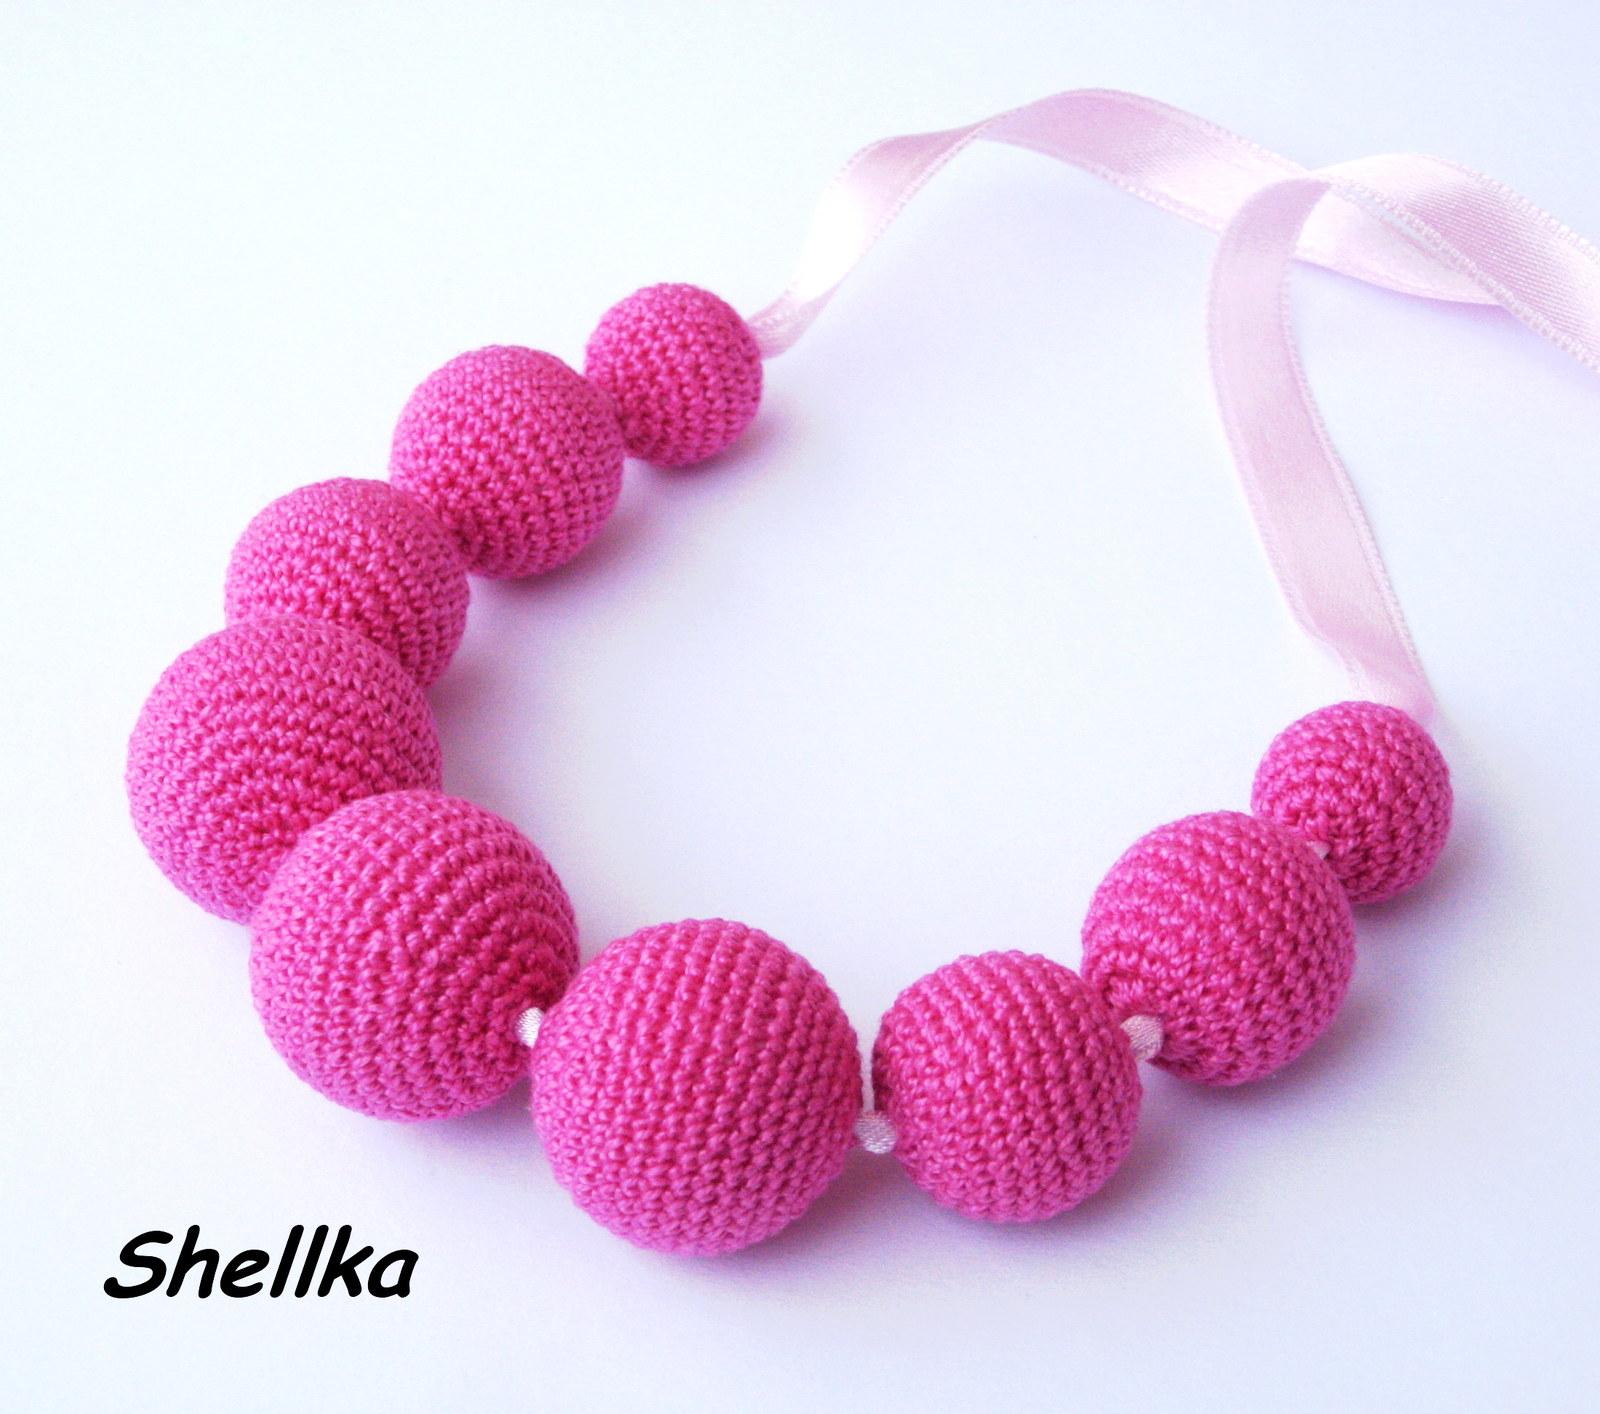 Korále jsou obháčkované sytě růžovou bavlněnou přízí